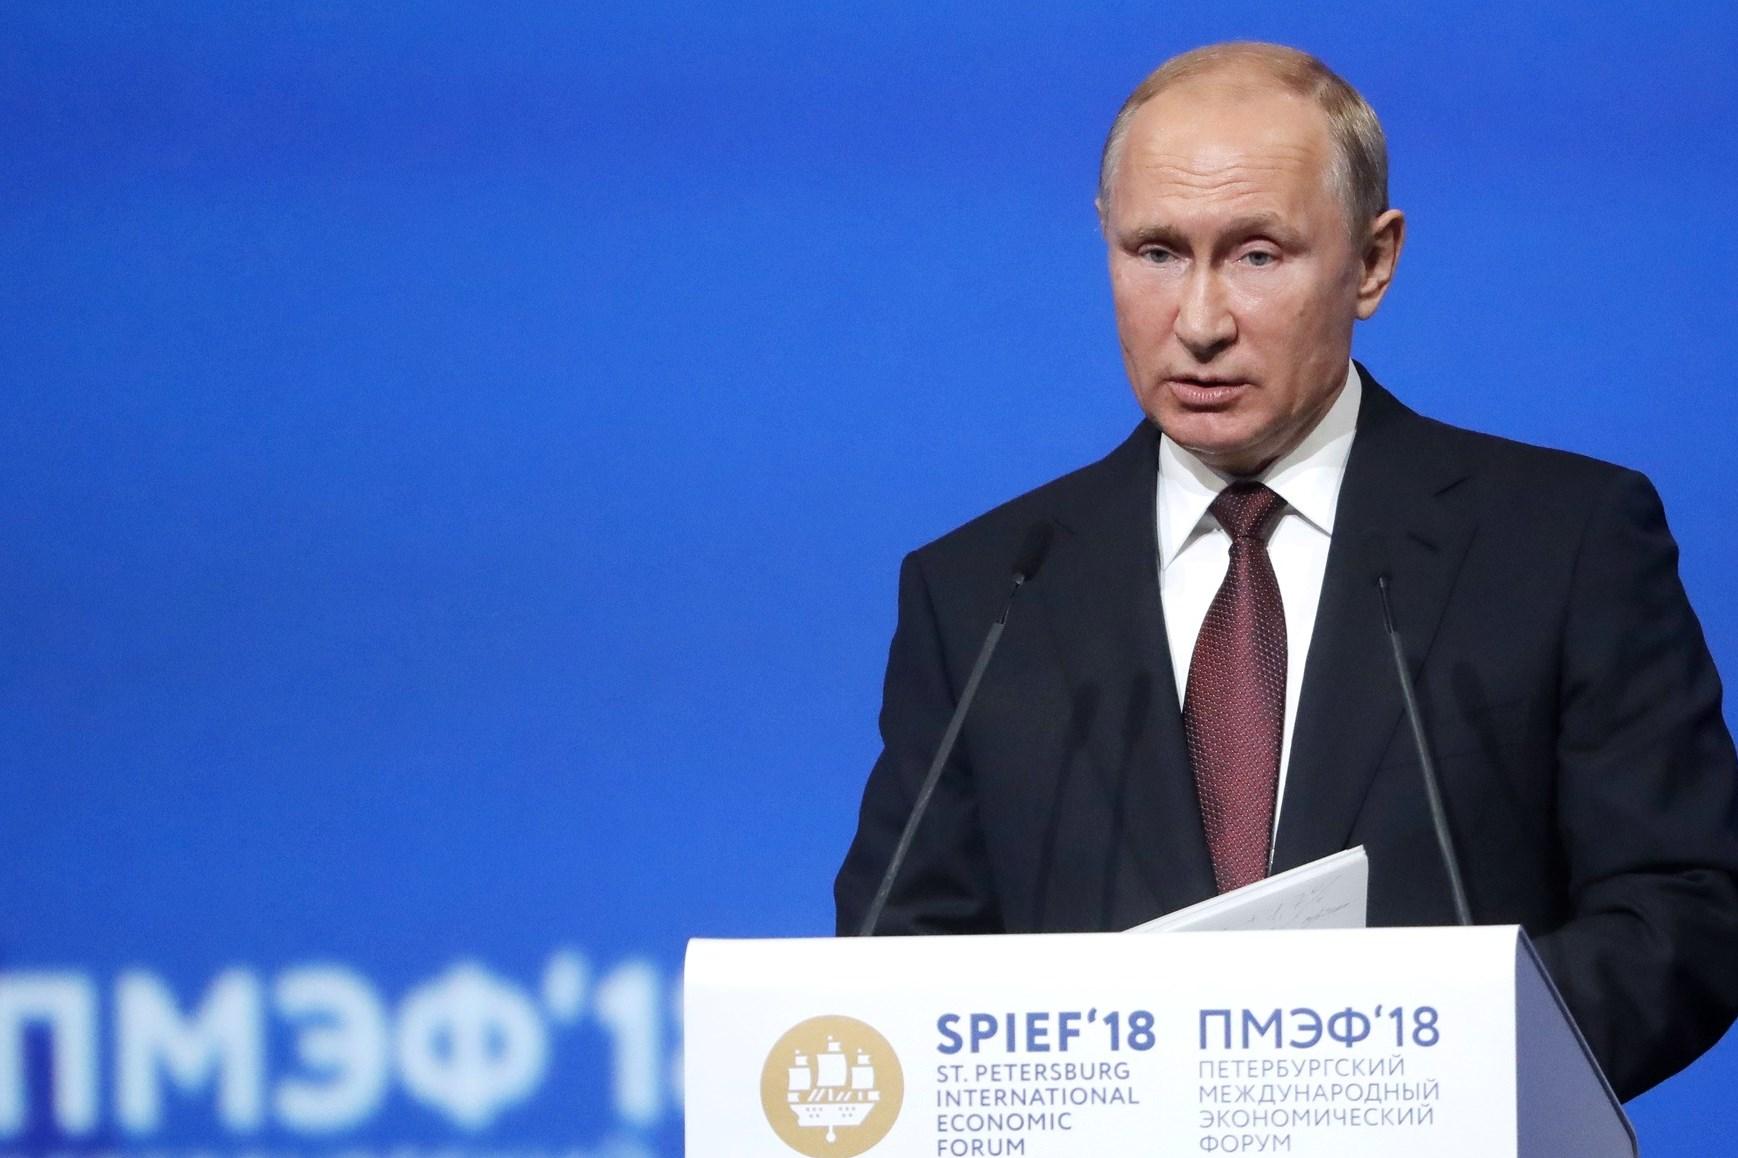 Владимир Путин отметил рост инвестиционной привлекательности региона